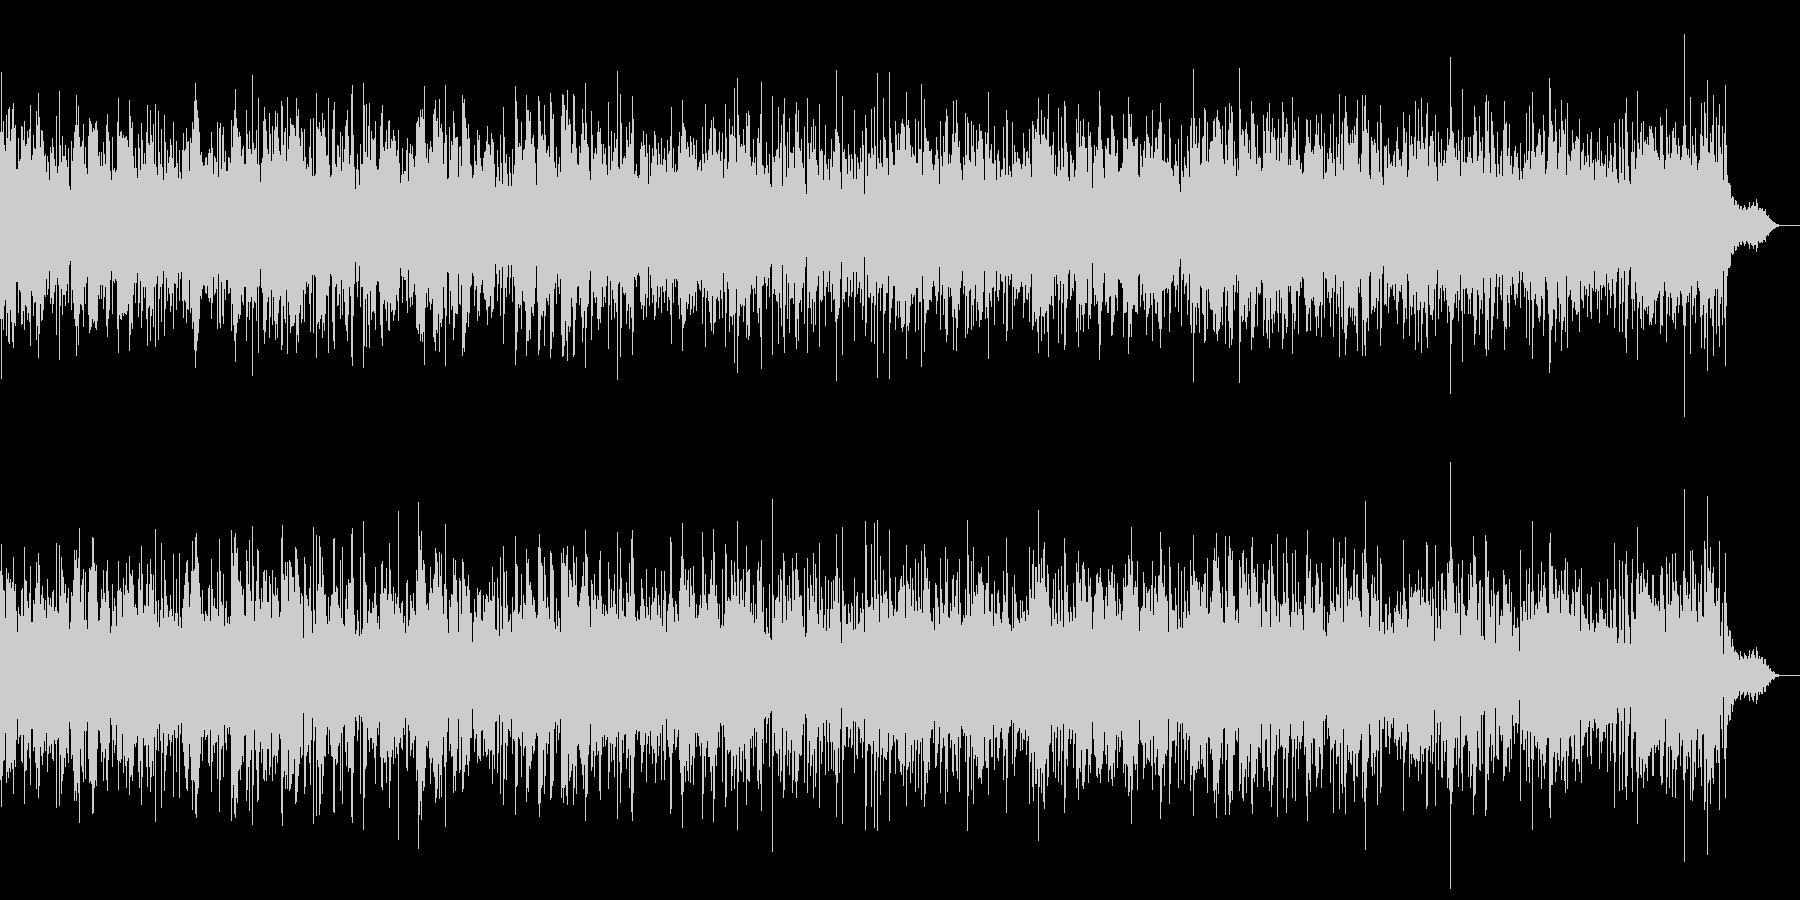 フォークダンスポルカ・民族的BGMの未再生の波形